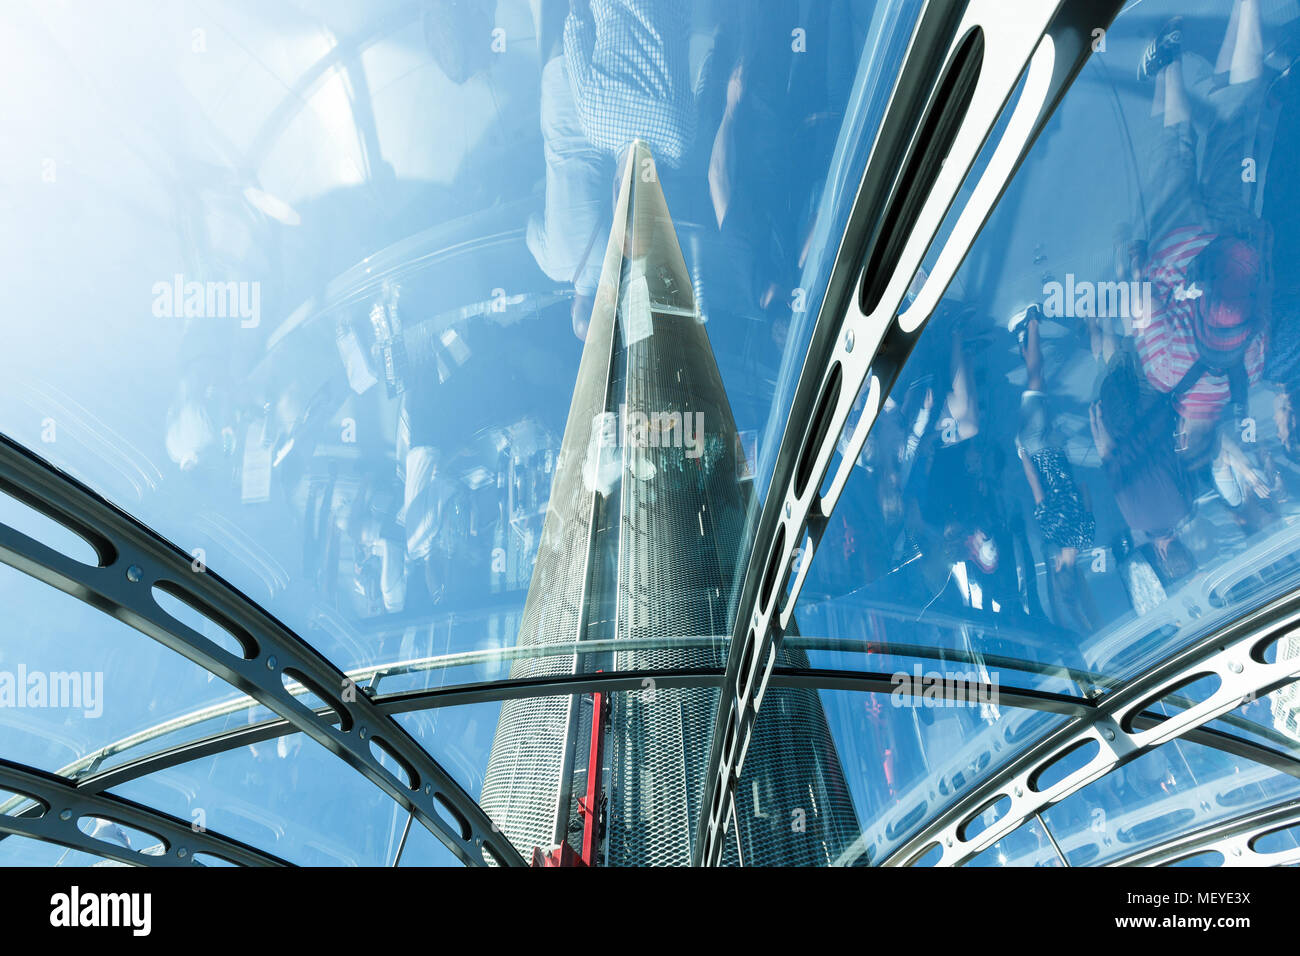 Turm von British Airways ich 360 Beobachtungsturm in Brighton, Reflexionen Stockbild